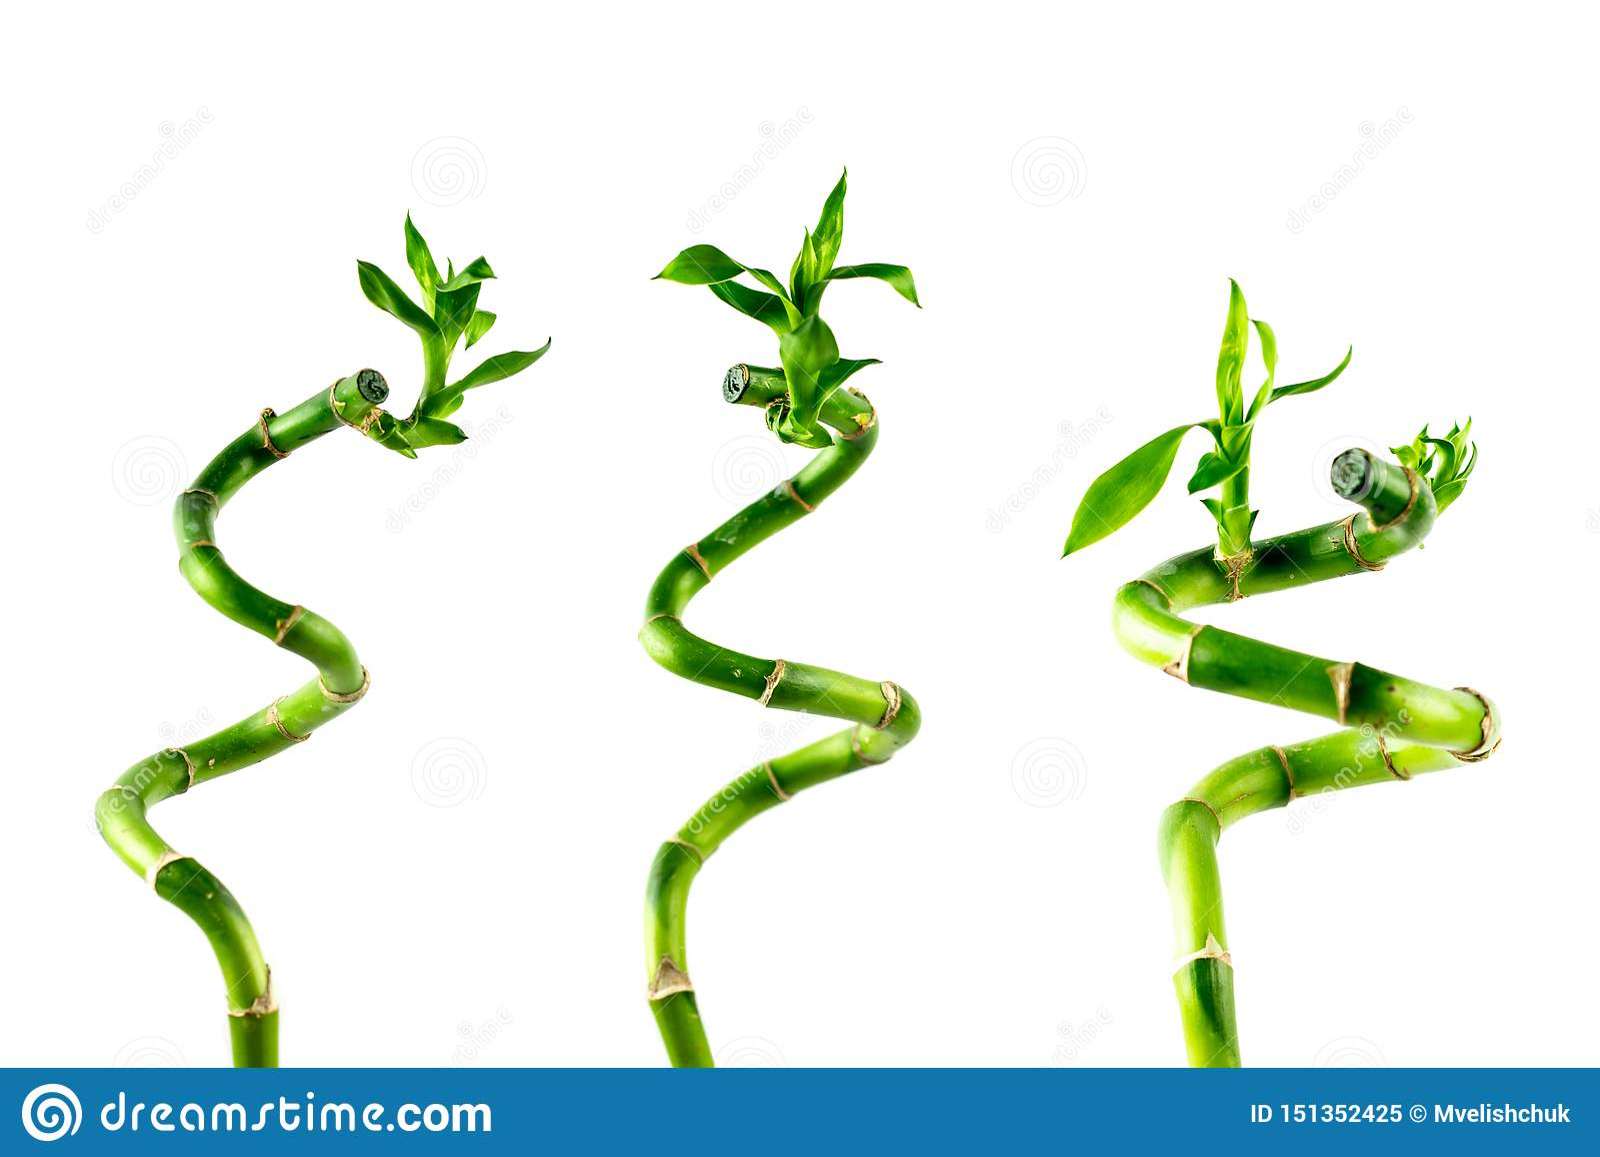 Haste de três houseplant de Lucky Bamboo Dracaena Sanderiana com folhas verdes, torcida em uma forma espiral, isolada no branco